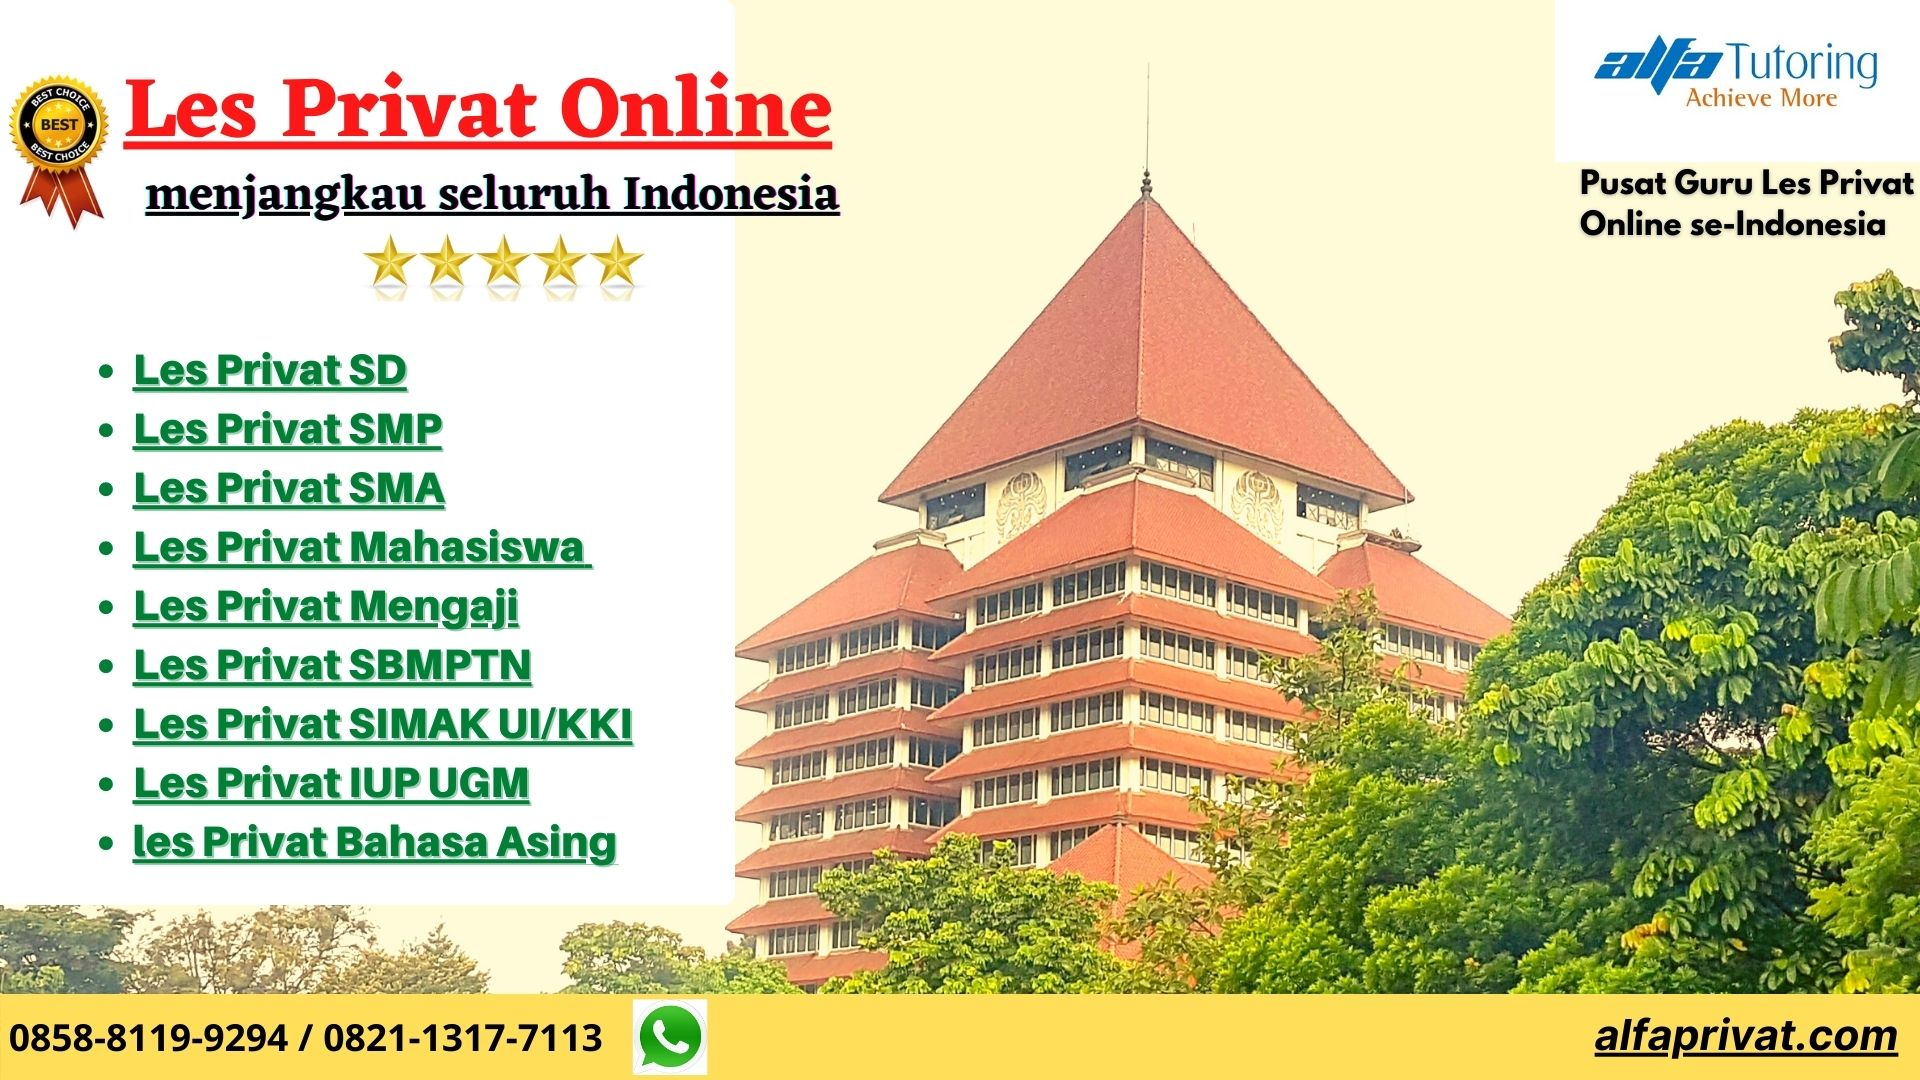 les privat online, bimbel online terbaik, guru les privat online, bimbel online murah